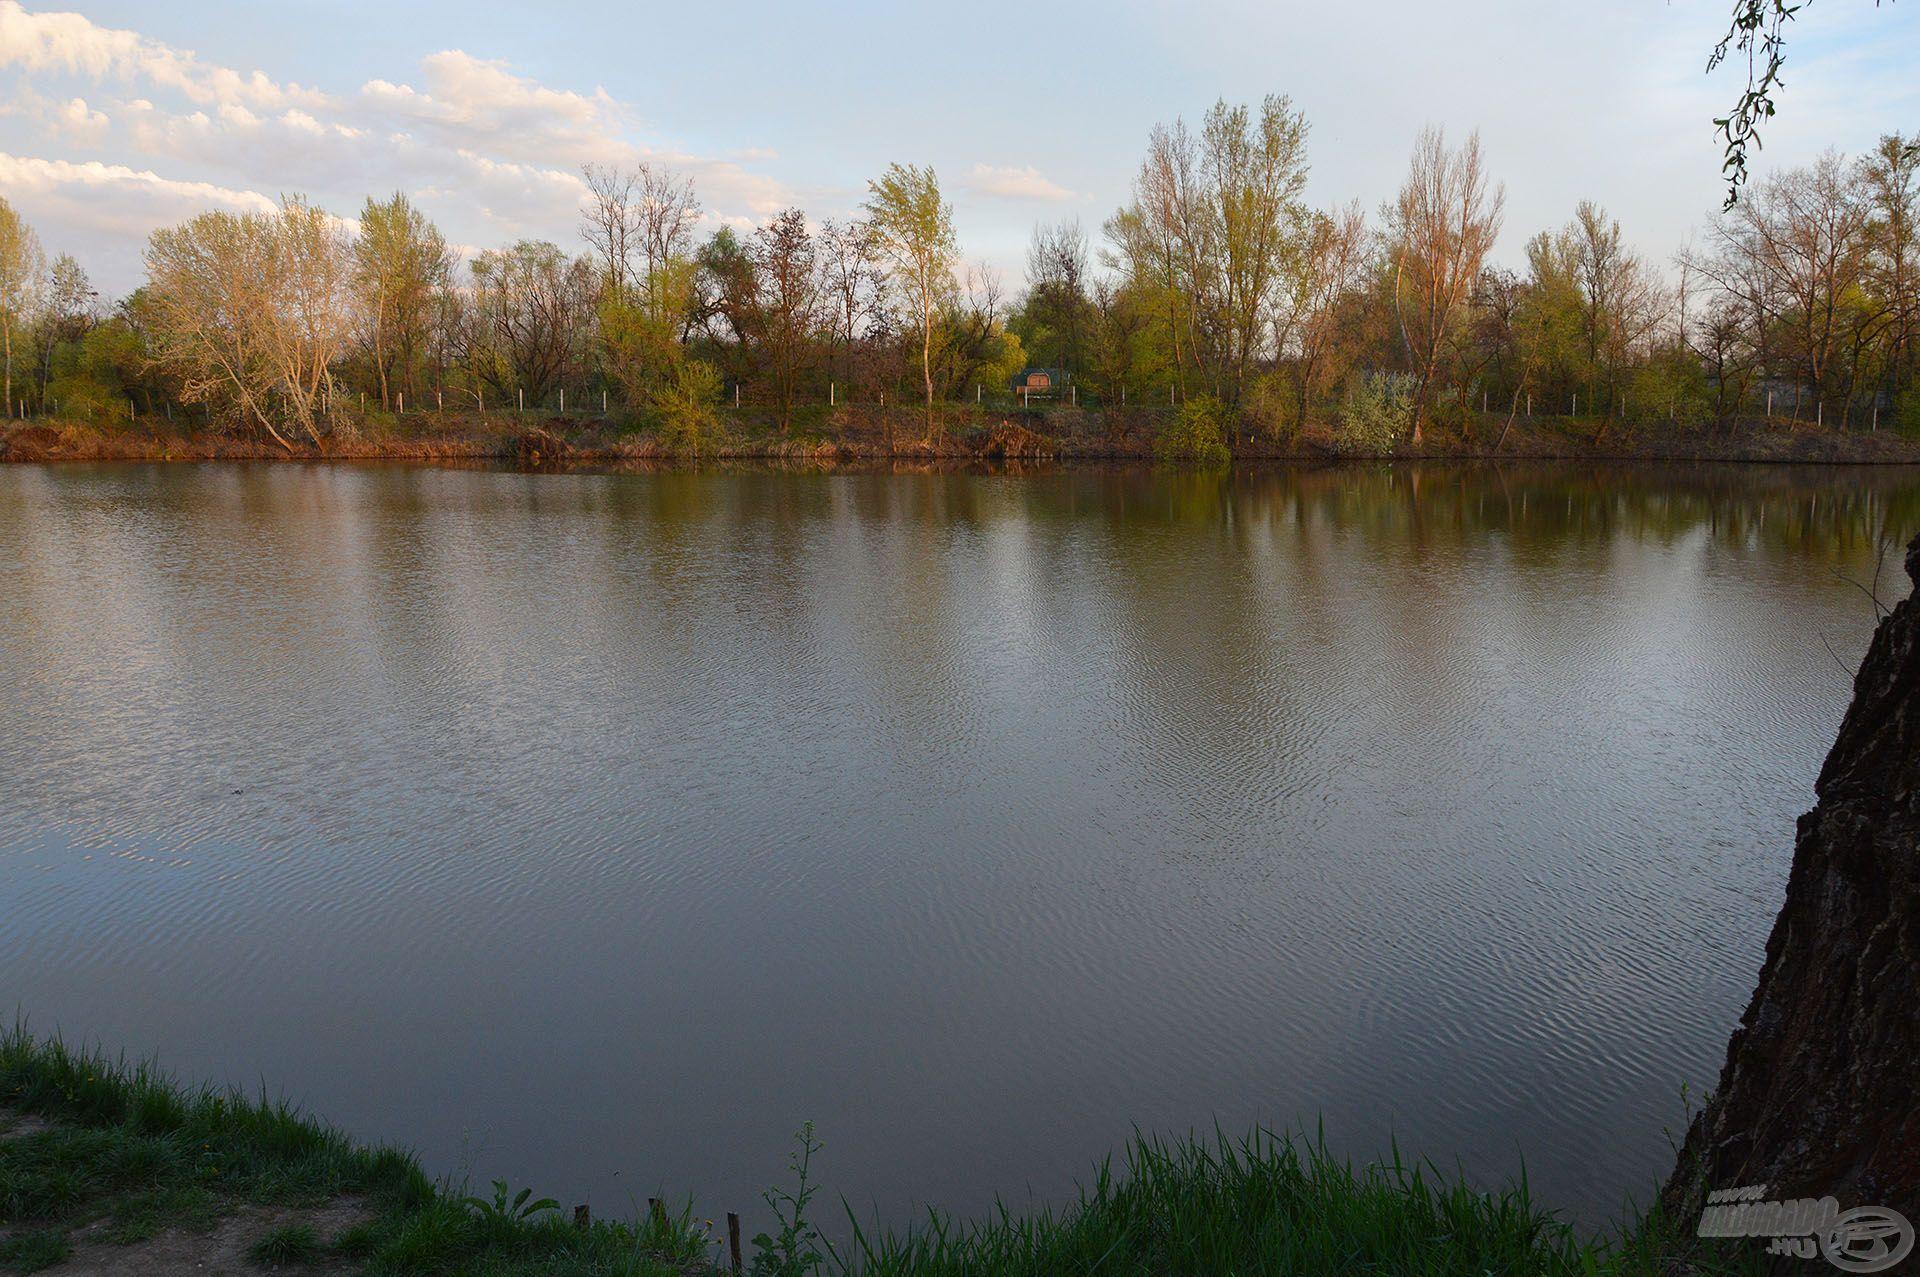 A Biztató Horgásztó 2-es helyén horgásztunk, ahonnan a túlpart pereme elé dobva kerestük a pontyokat